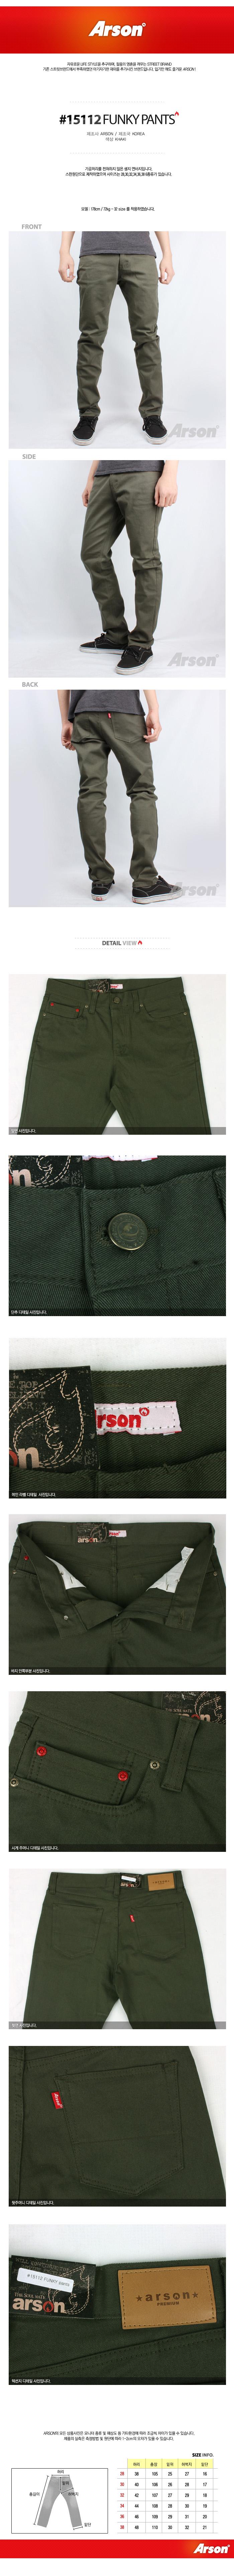 [ ARSON ] [Arson] ARSON GENUINE/15112 FUNKY PANTS (KHAKI)/men\'s cotton pants/cotton pants/ARSON cotton pants/pants